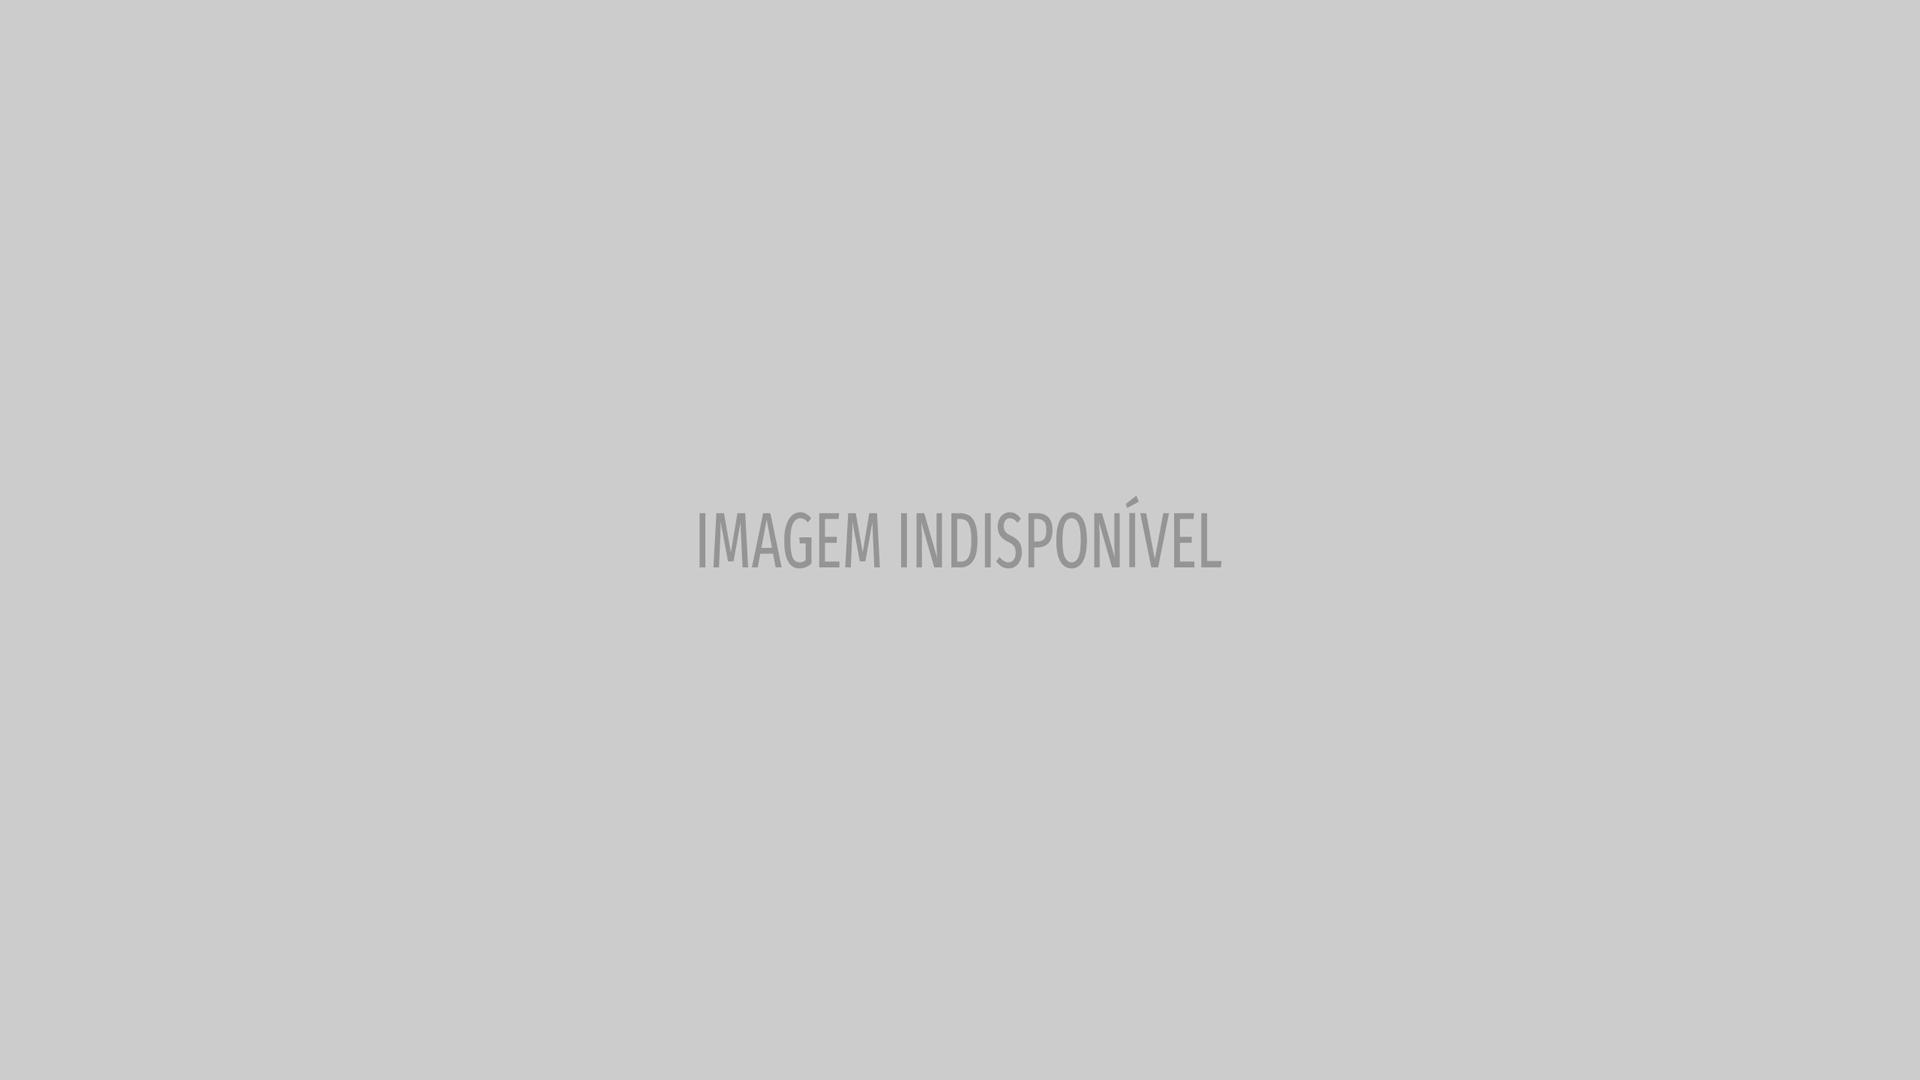 Oficial: Cuadrado oferece o número 7 a Ronaldo